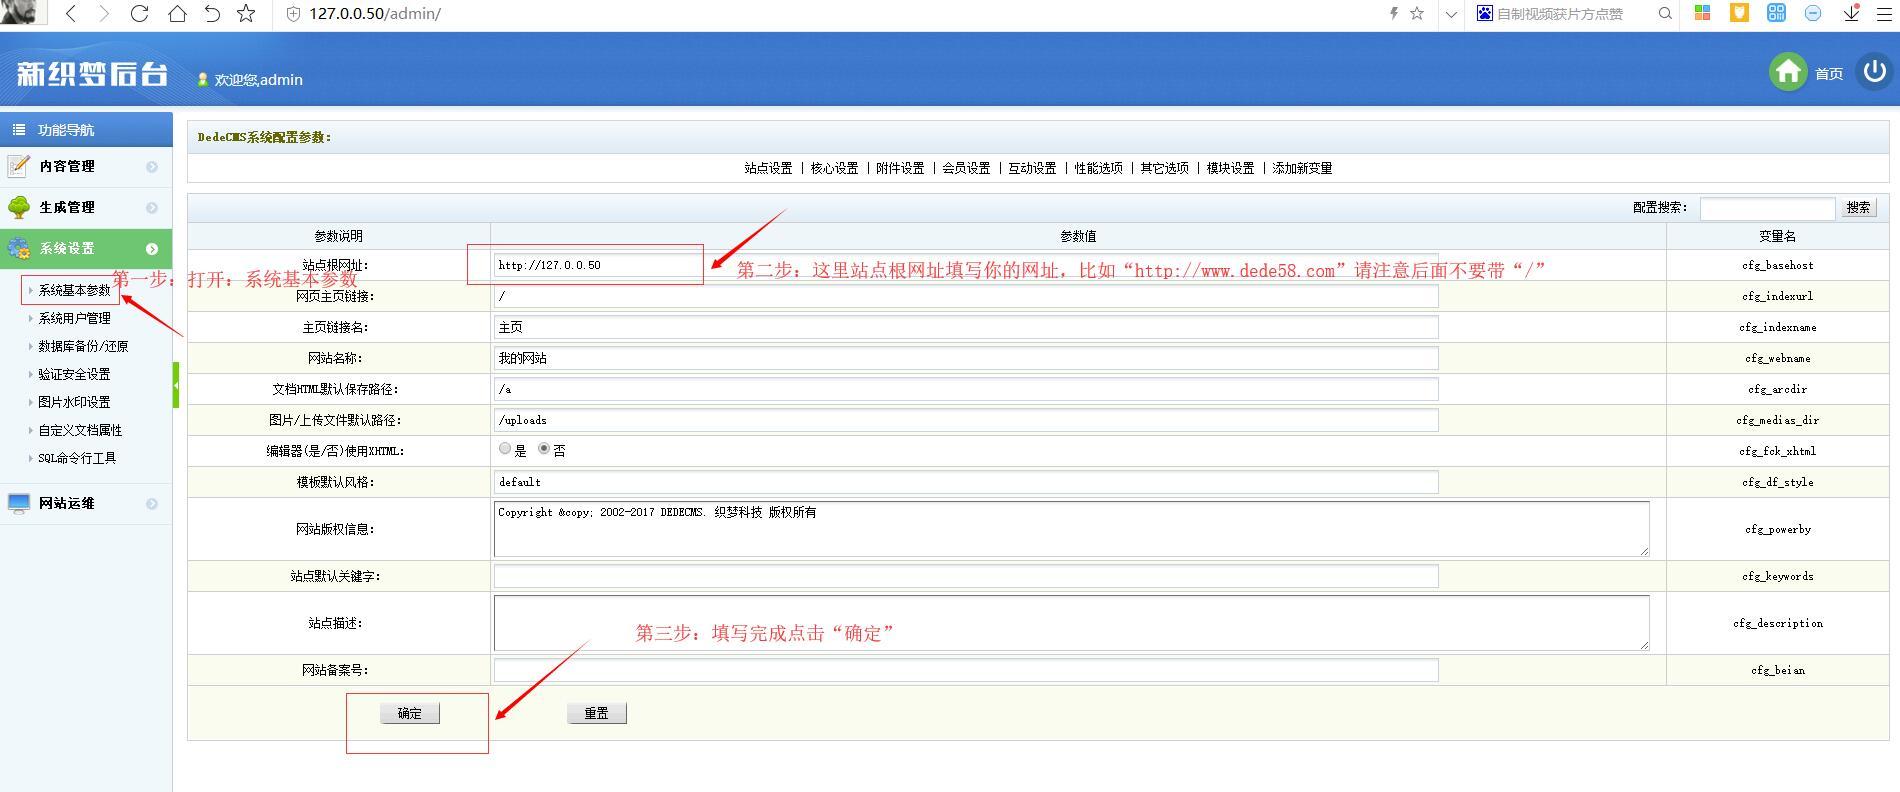 加固版织梦CMS整站源码通用安装教程6.jpg 织梦dedecms模板源码安装教程 第13张